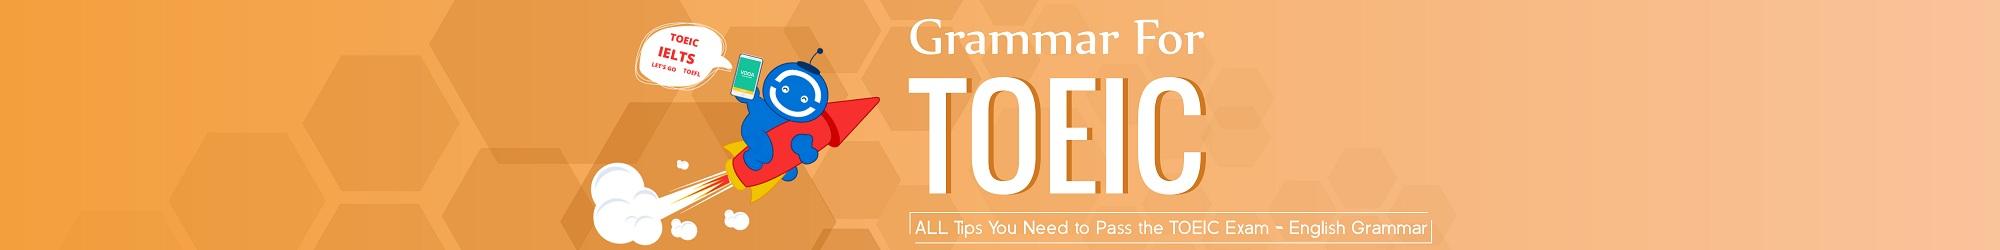 GRAMMAR FOR TOEIC TEST banner